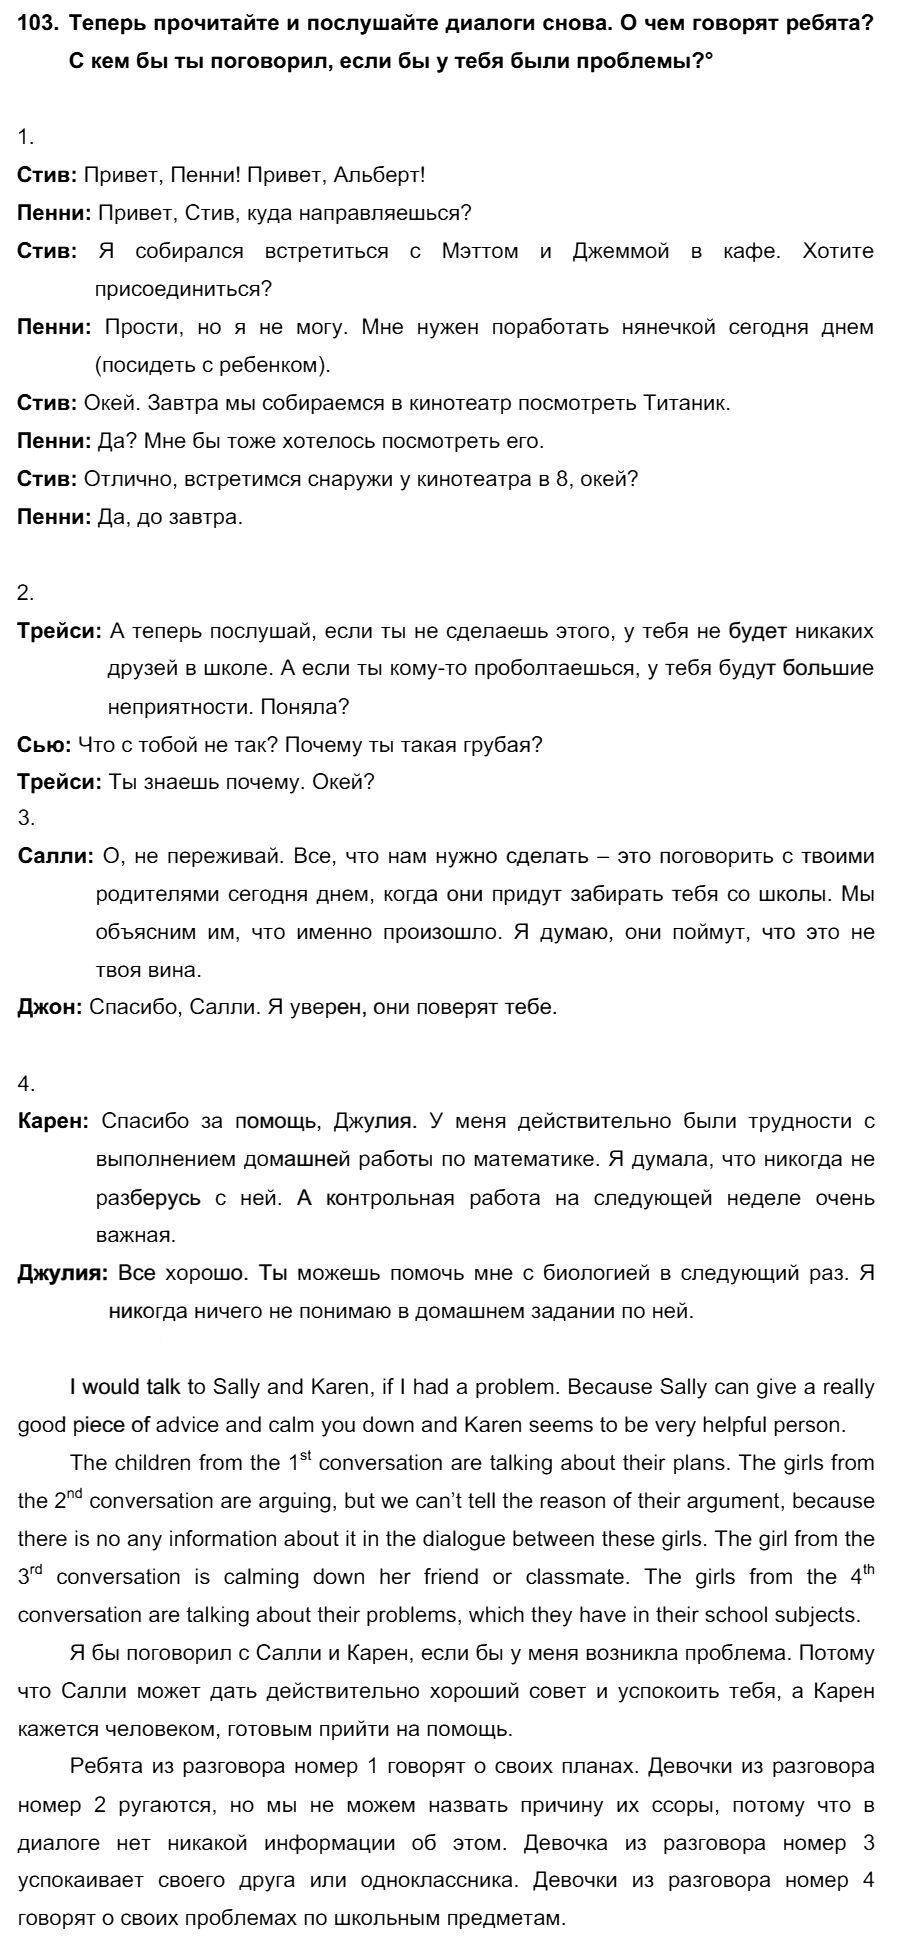 Английский язык 7 класс Биболетова М. З. Unit 3. Взгляните на проблемы подростков: школьное образование / Разделы 1-9: 103